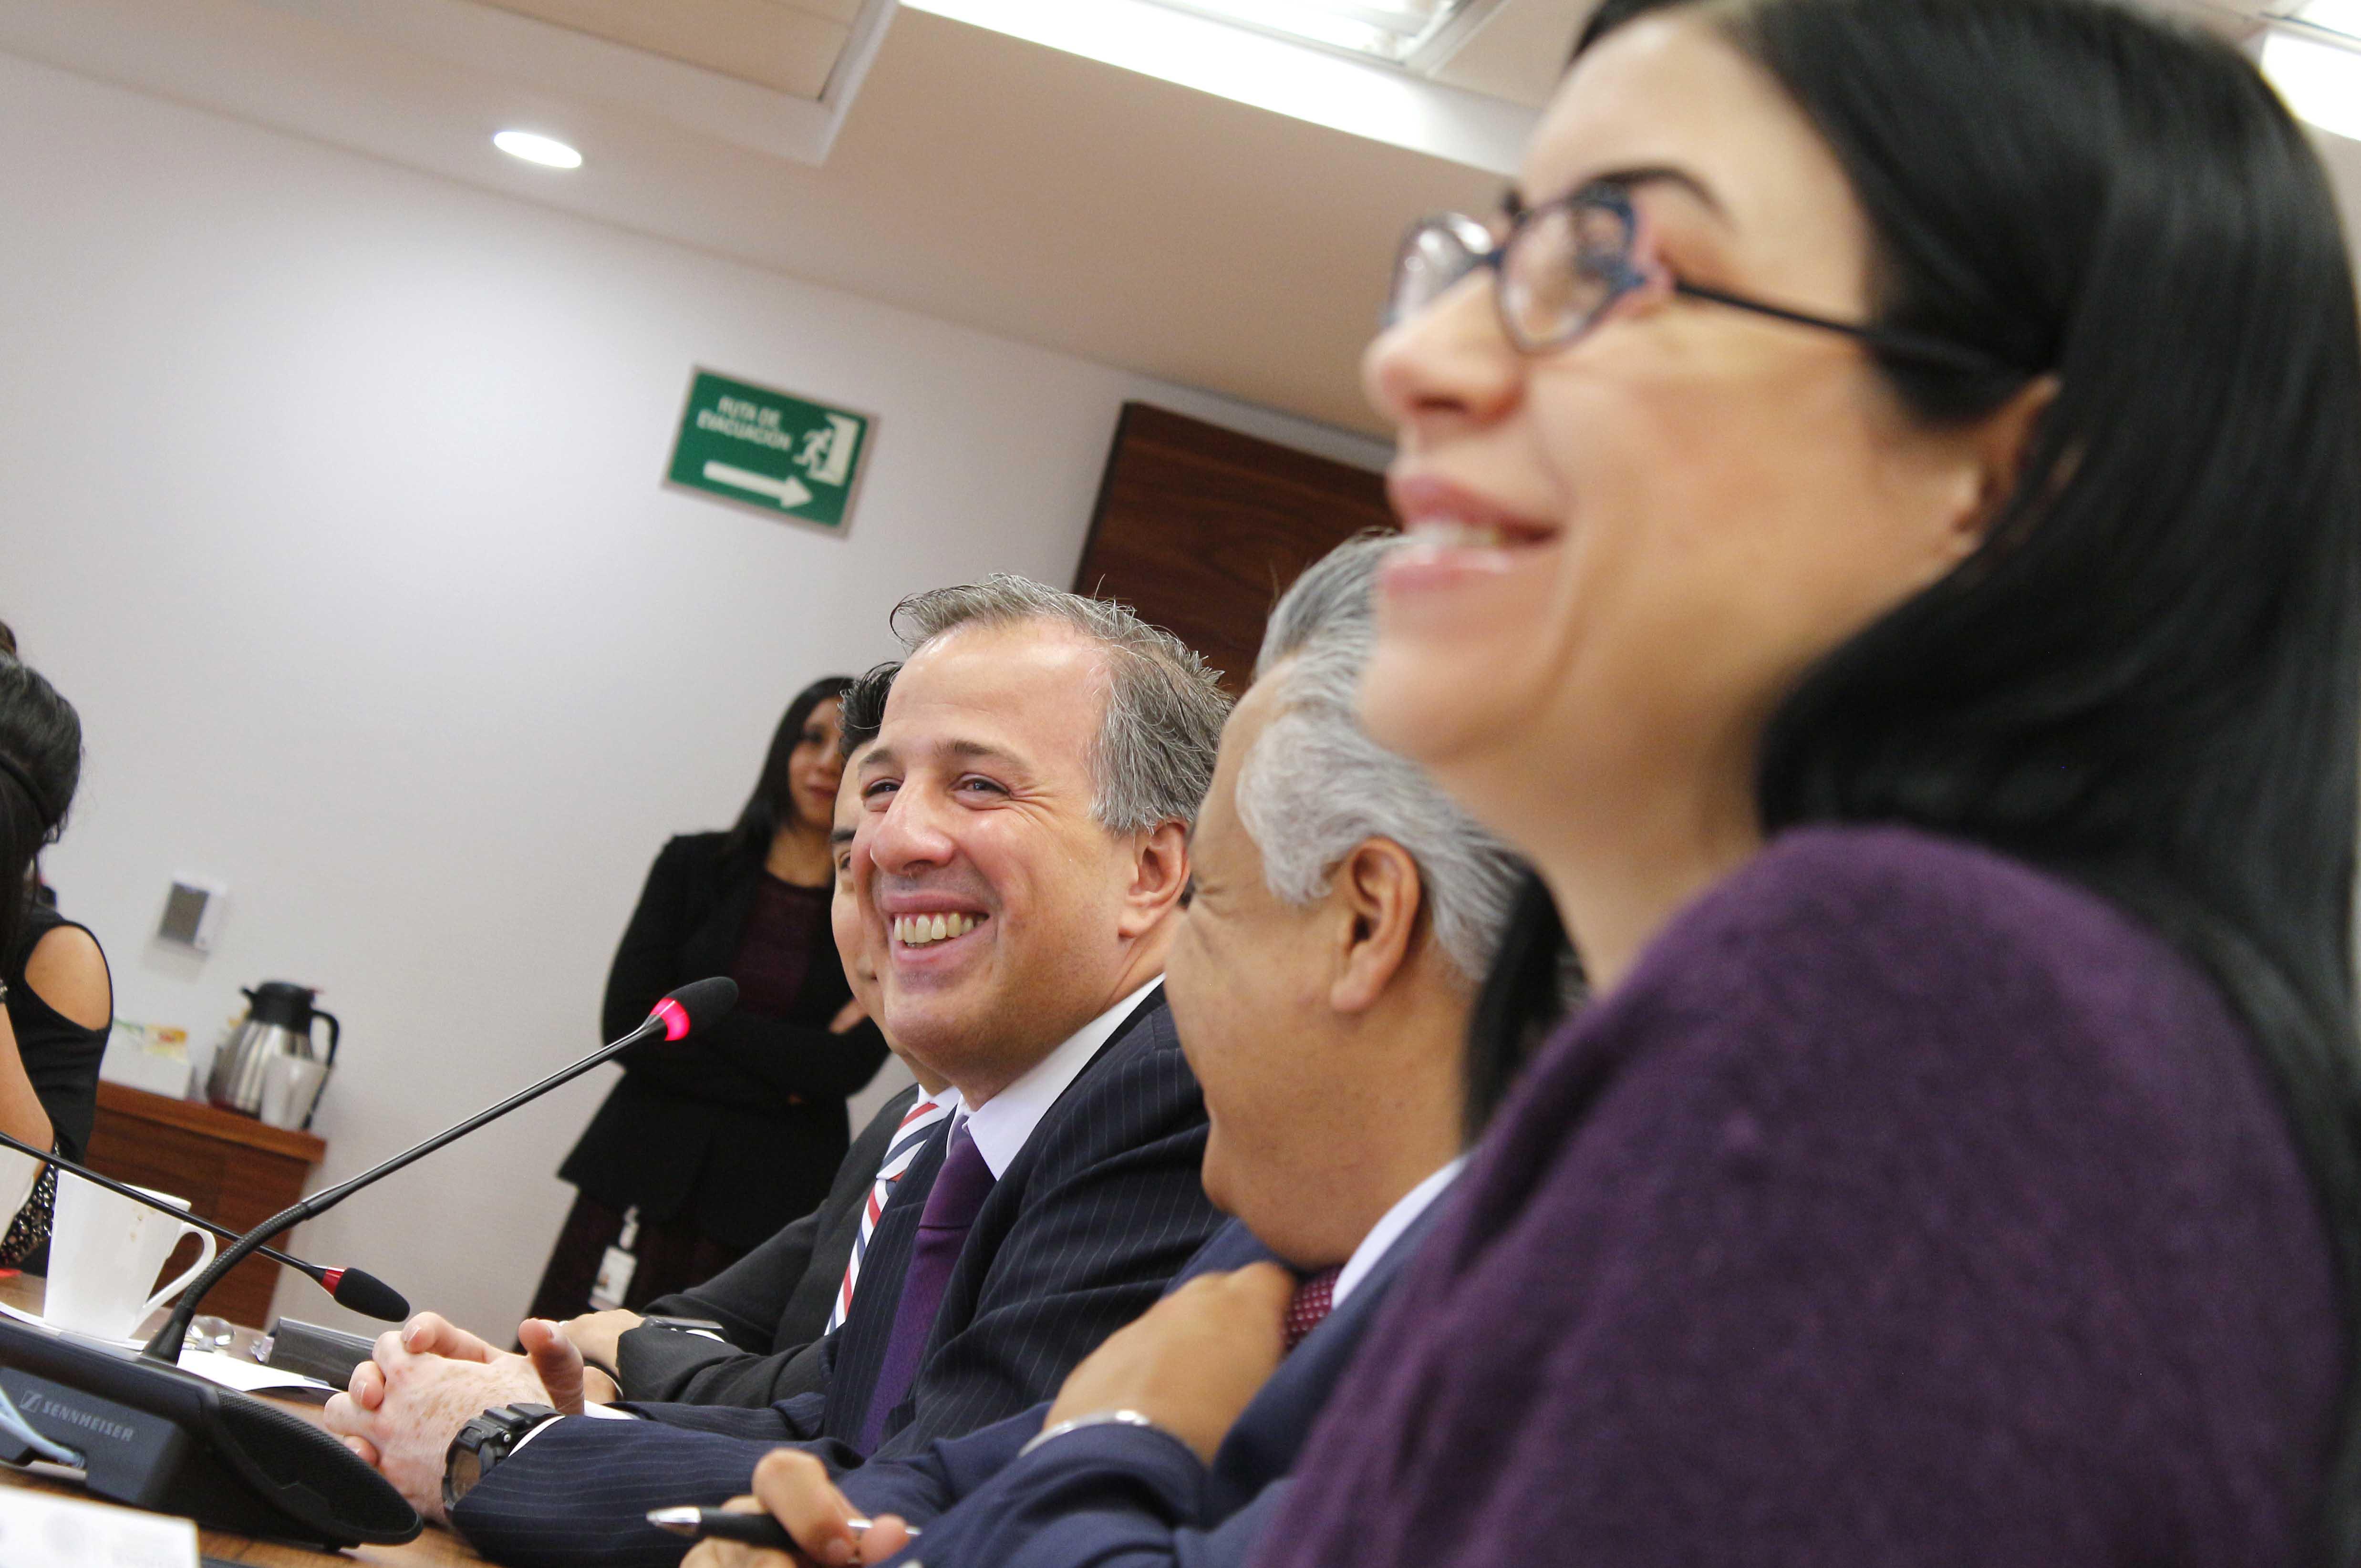 FOTO 4 Encuentro que sostuvo el secretario Meade con reporteros que cubren las actividades de la dependencia.jpg